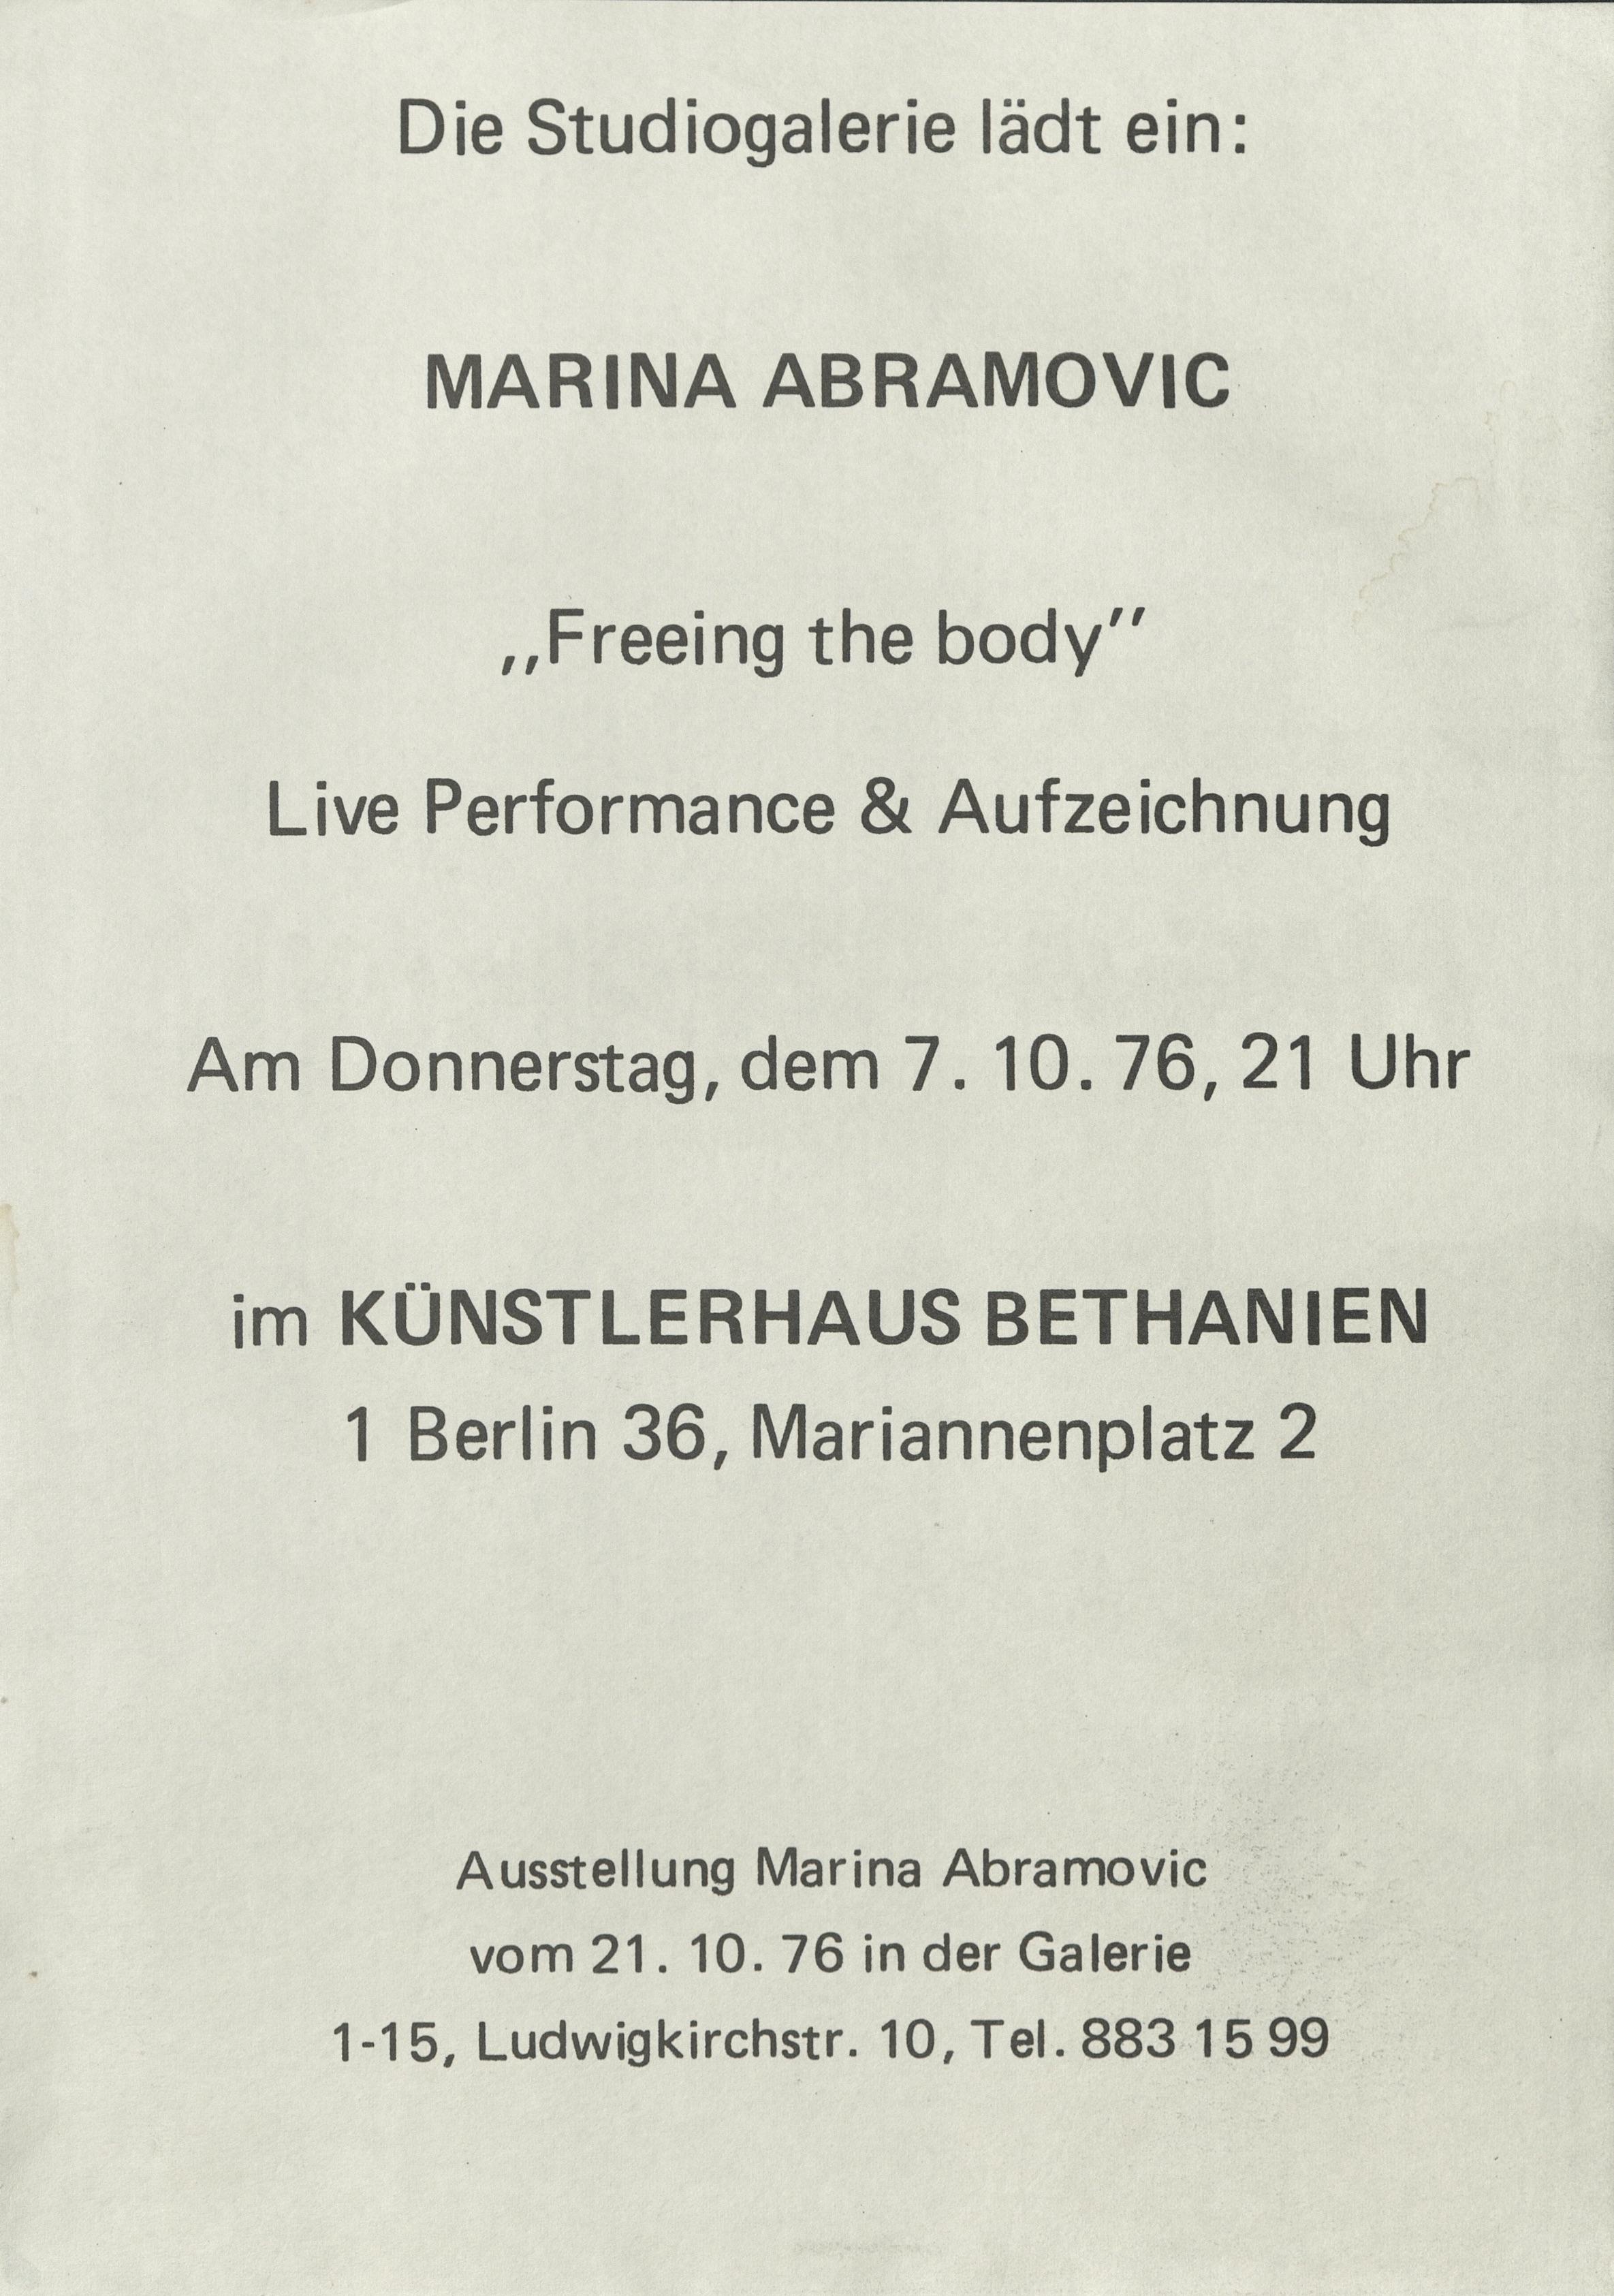 Marina Abramović / Ulay, INSTALLATION TWO, Harlekin Art, Wiesbaden, 1979 (invitation card, photograph anonym); Archiv der Avantgarden, Staatliche Kunstsammlungen Dresden © VG Bild-Kunst, Bonn